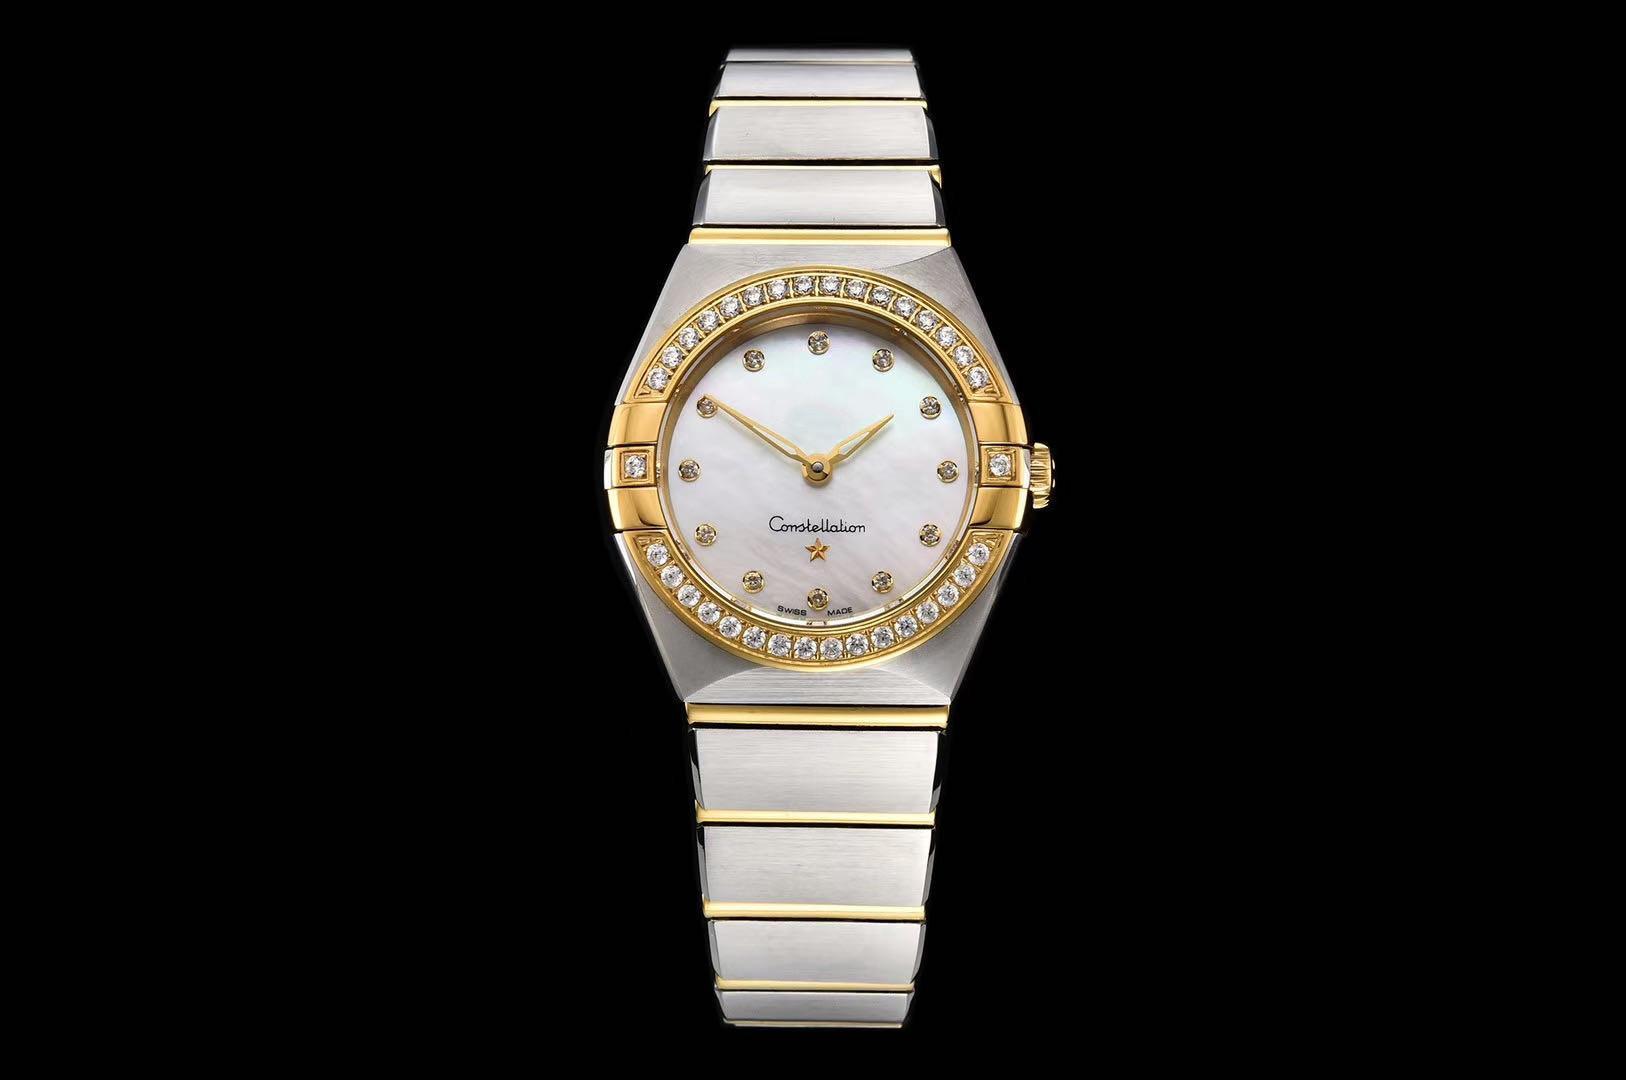 В 2020 году, яркое небо высокое качество, богиня того же диаметра размер 25 мм подлинной водонепроницаемый дамы часы наручные часы